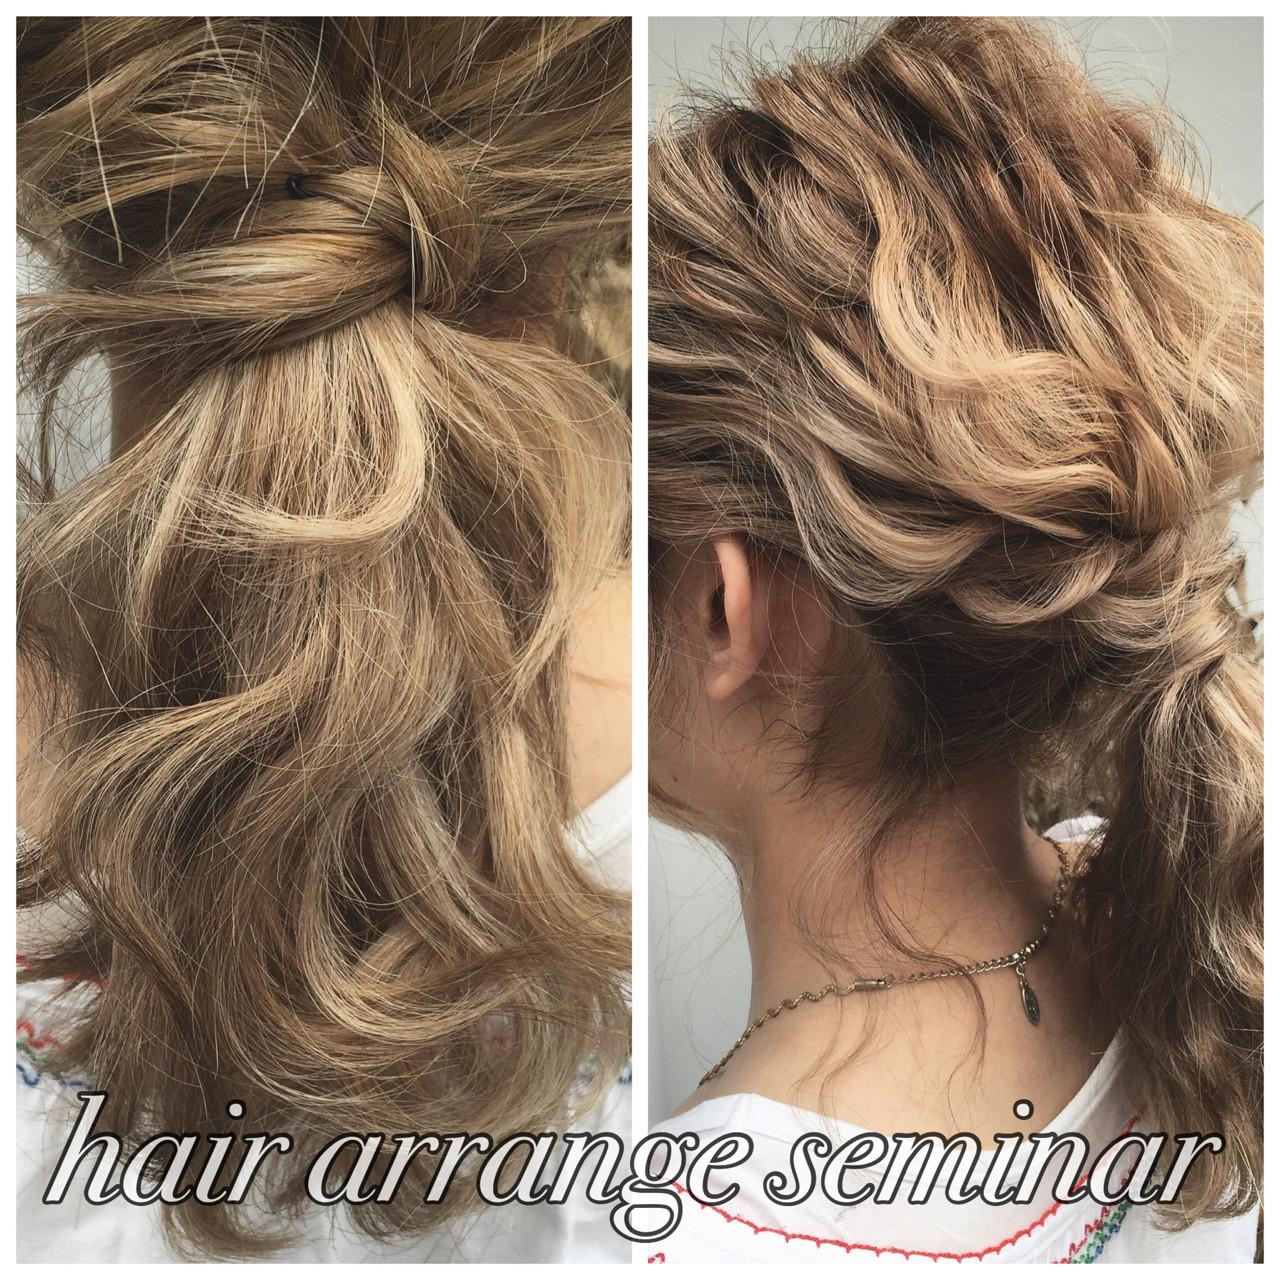 ポニーテール ヘアアレンジ ロング 波ウェーブ ヘアスタイルや髪型の写真・画像